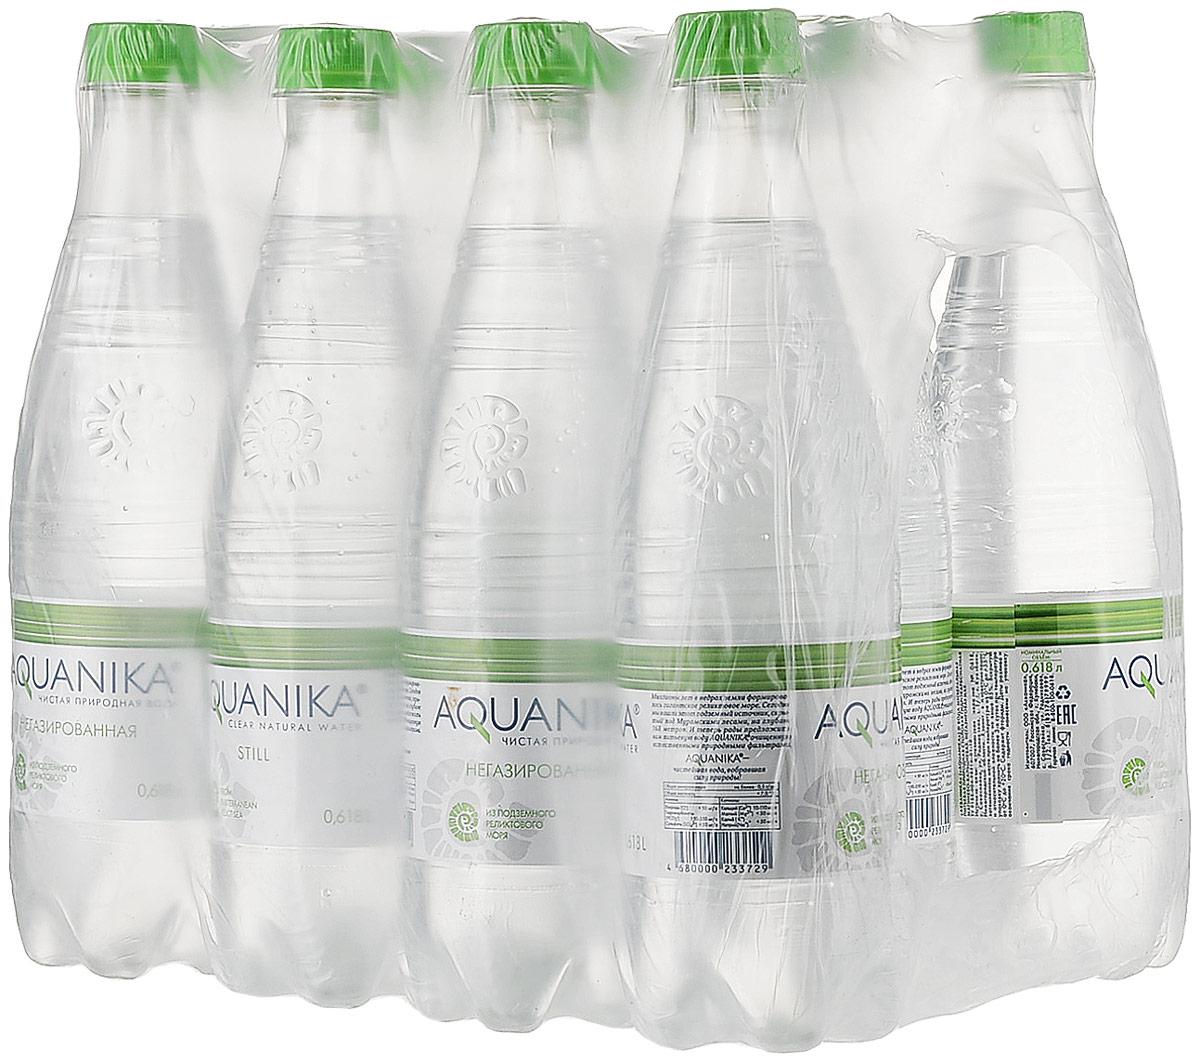 Акваника вода негазированная, 12 шт по 0,618 л.